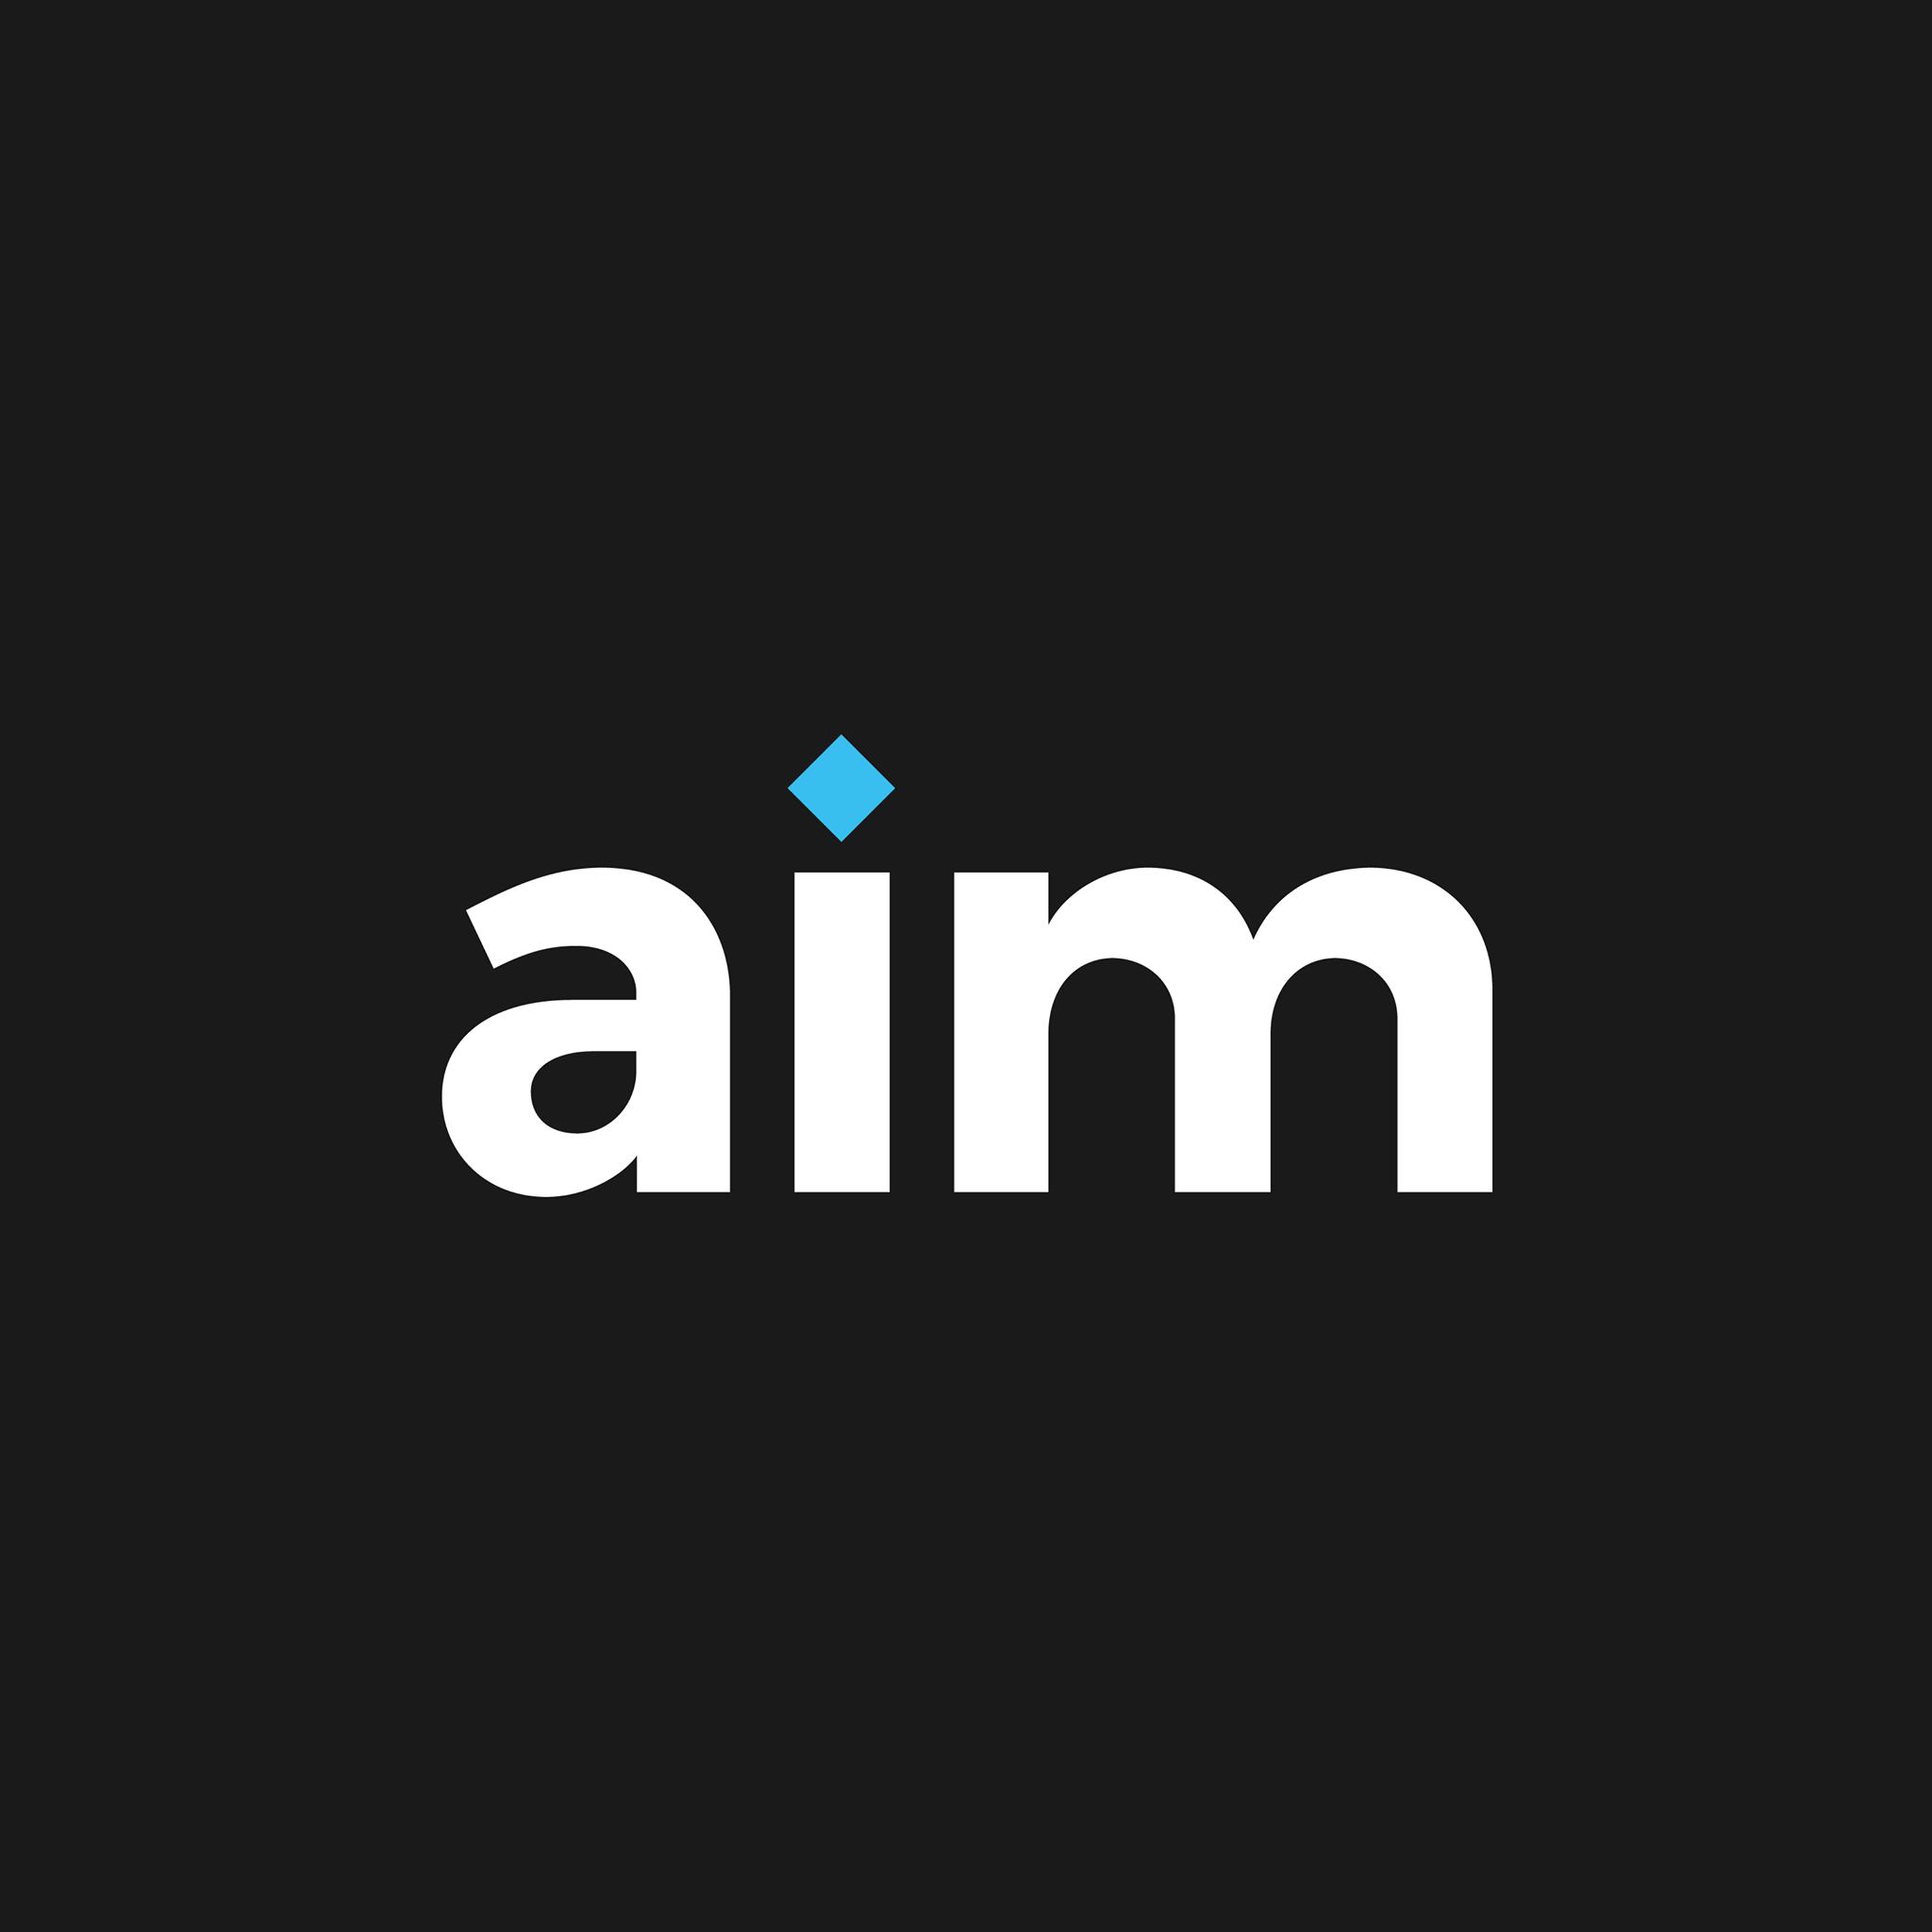 Digital agency AIM